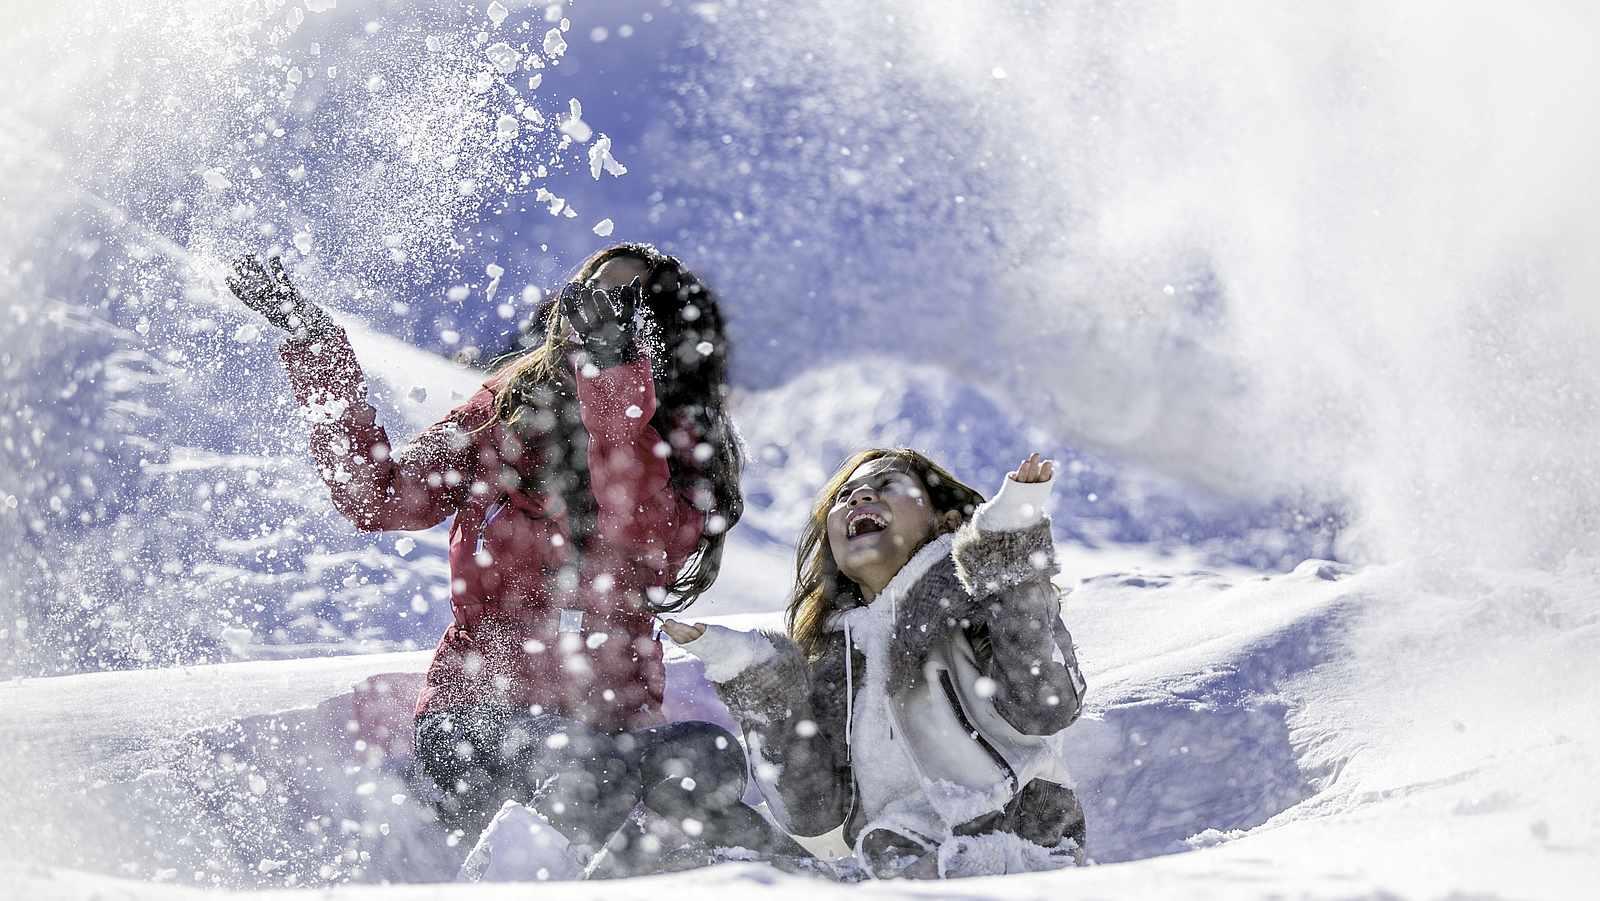 Zwei Frauen werfen Schnee in die Luft